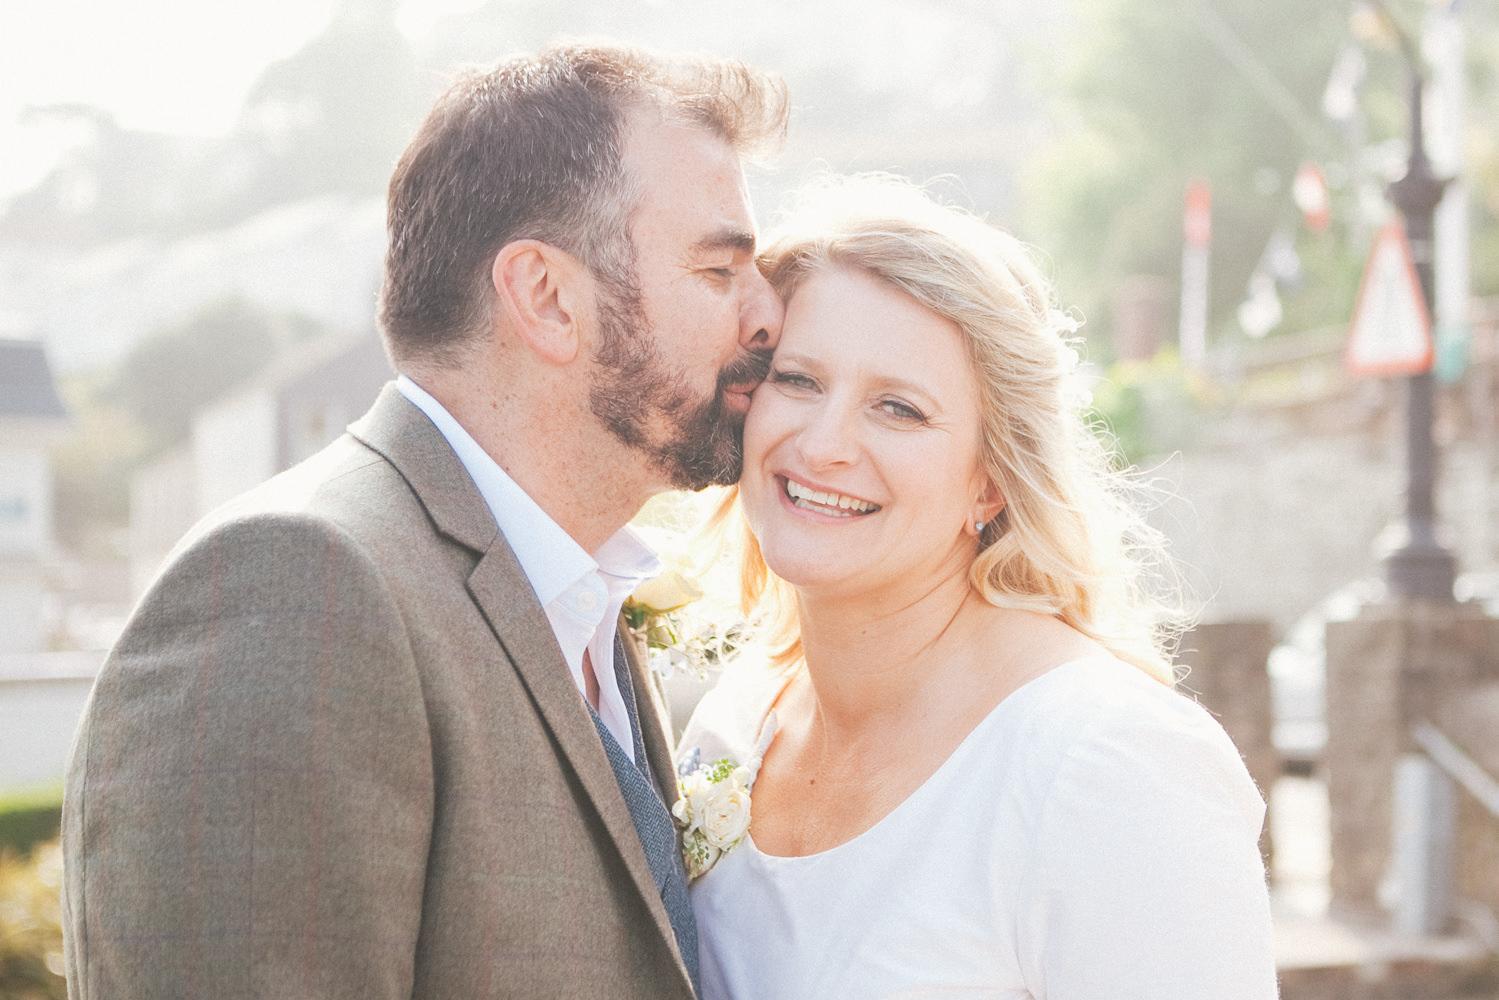 Devon Wedding Photographer | Devon Wedding Photography. Cliff House Salcombe Wedding Photographer